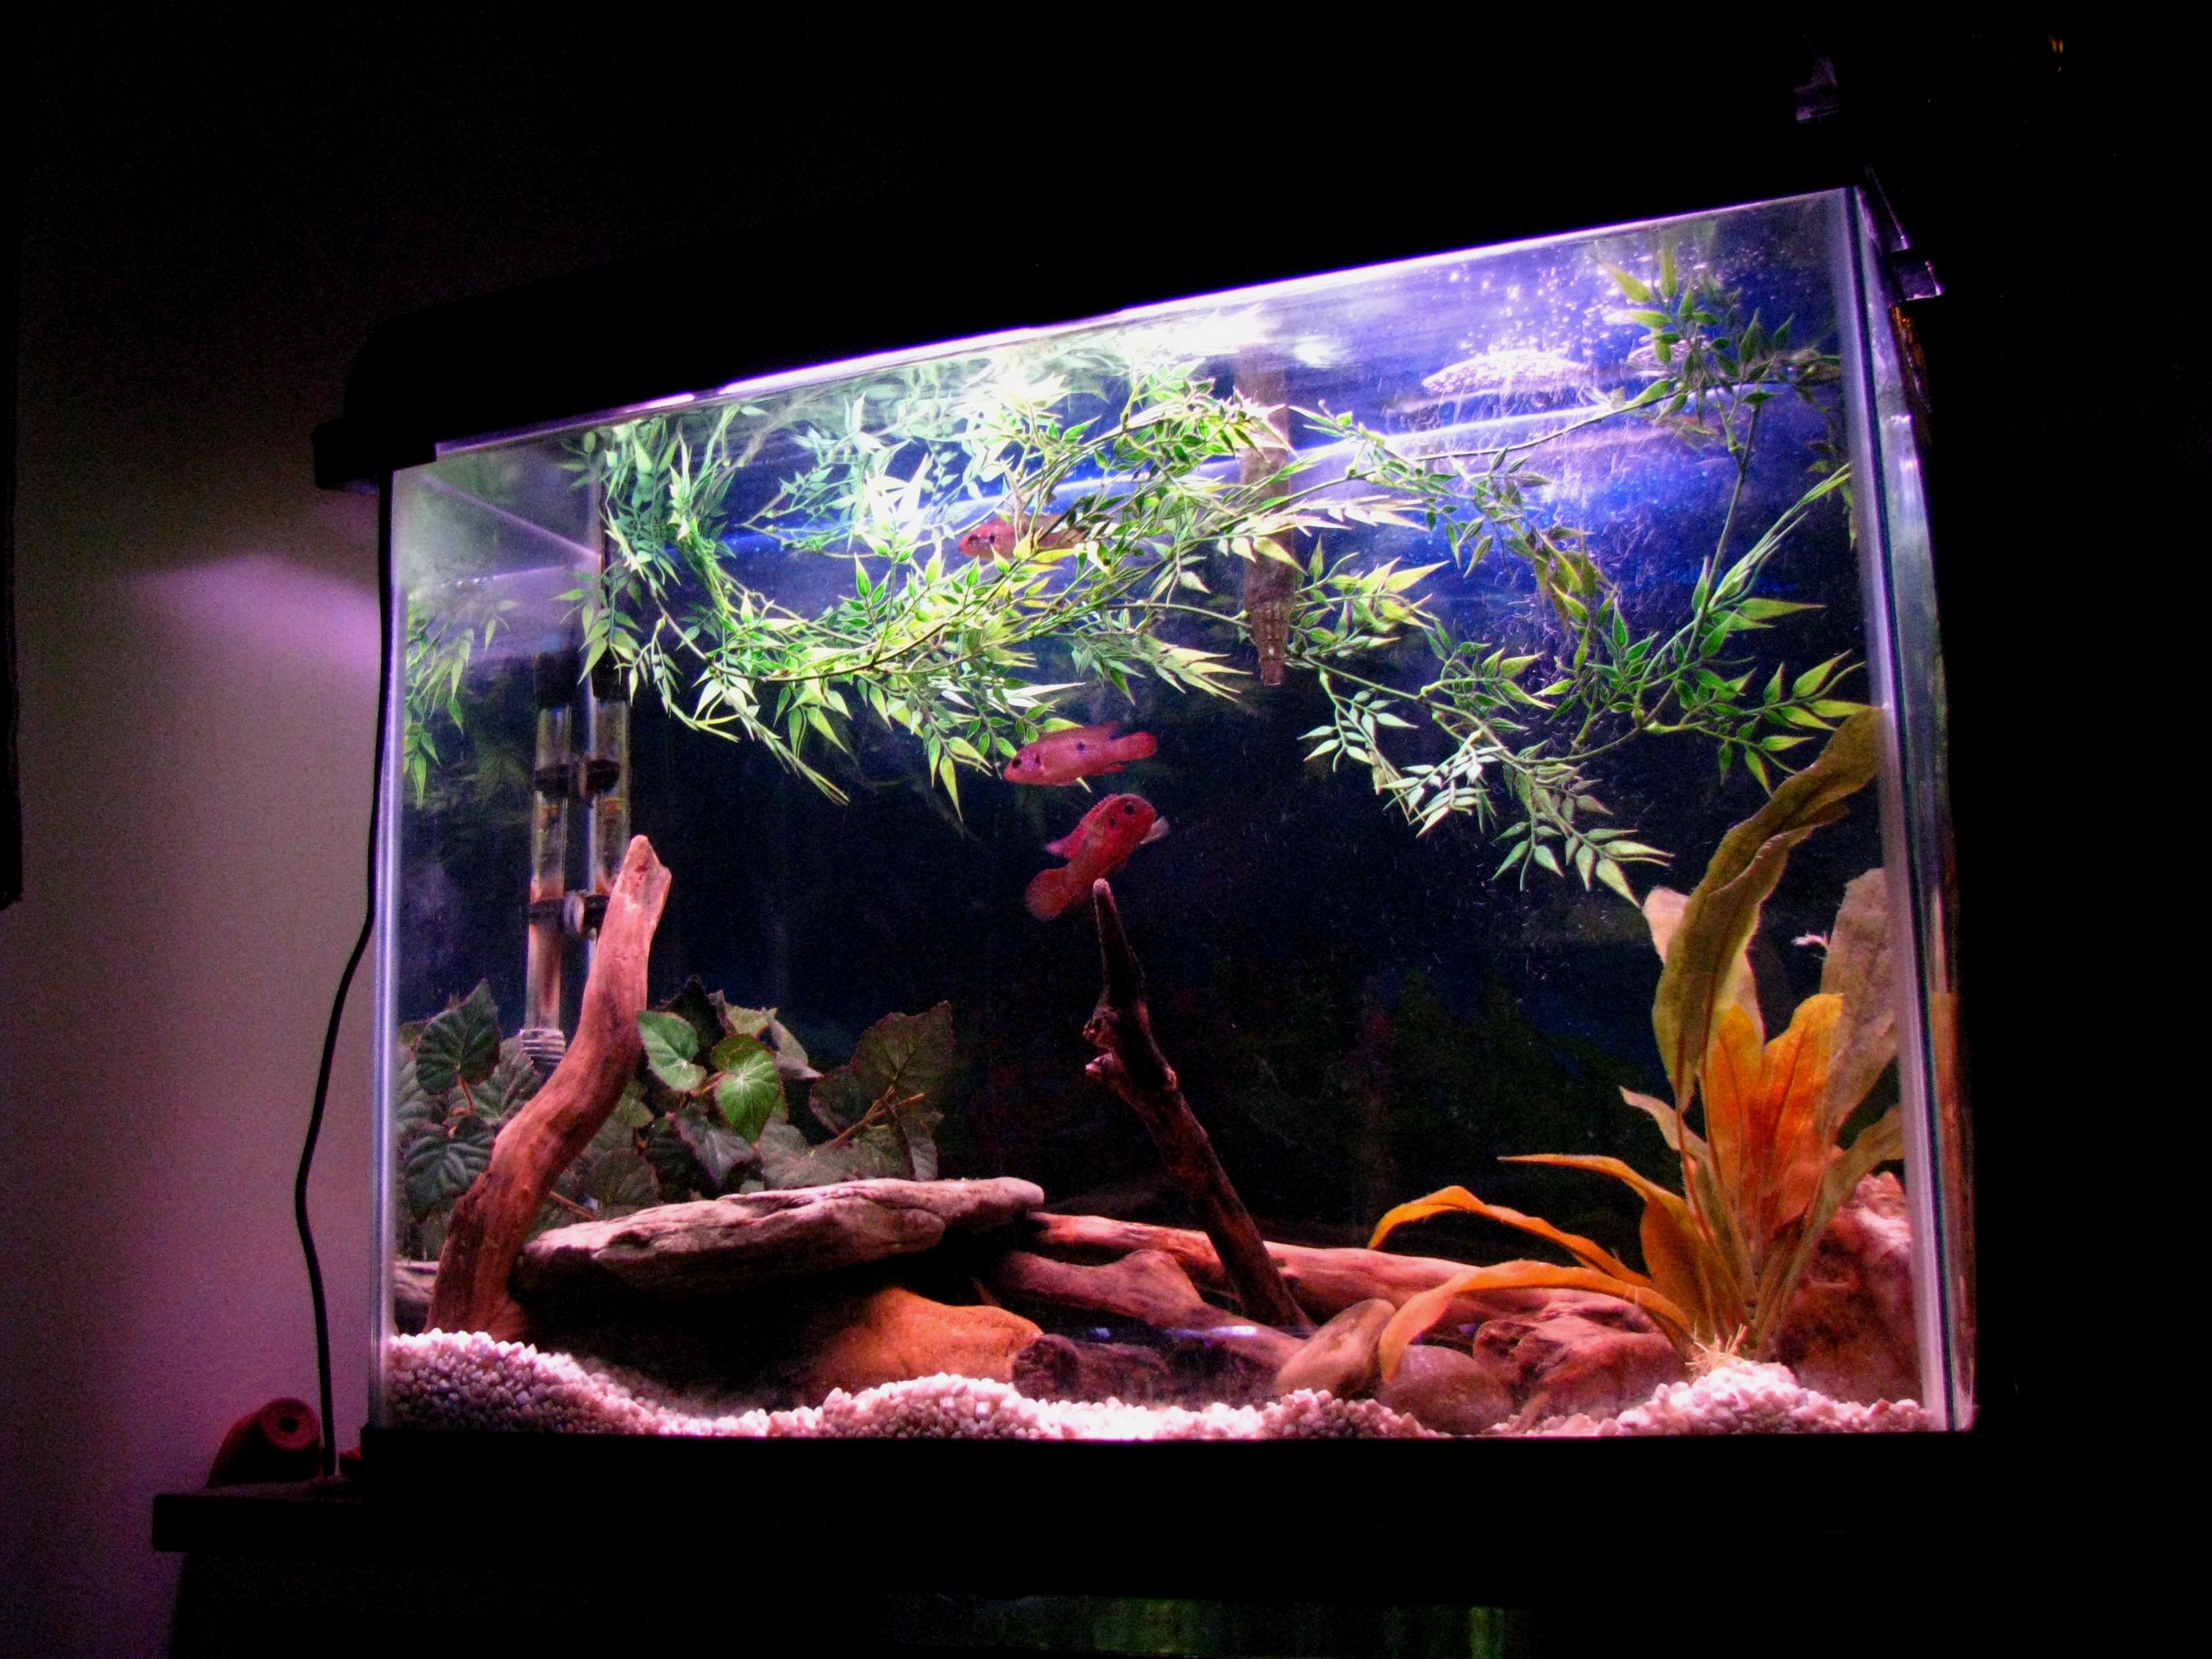 Freshwater jewel fish - Jewel Cichlid Species Tank